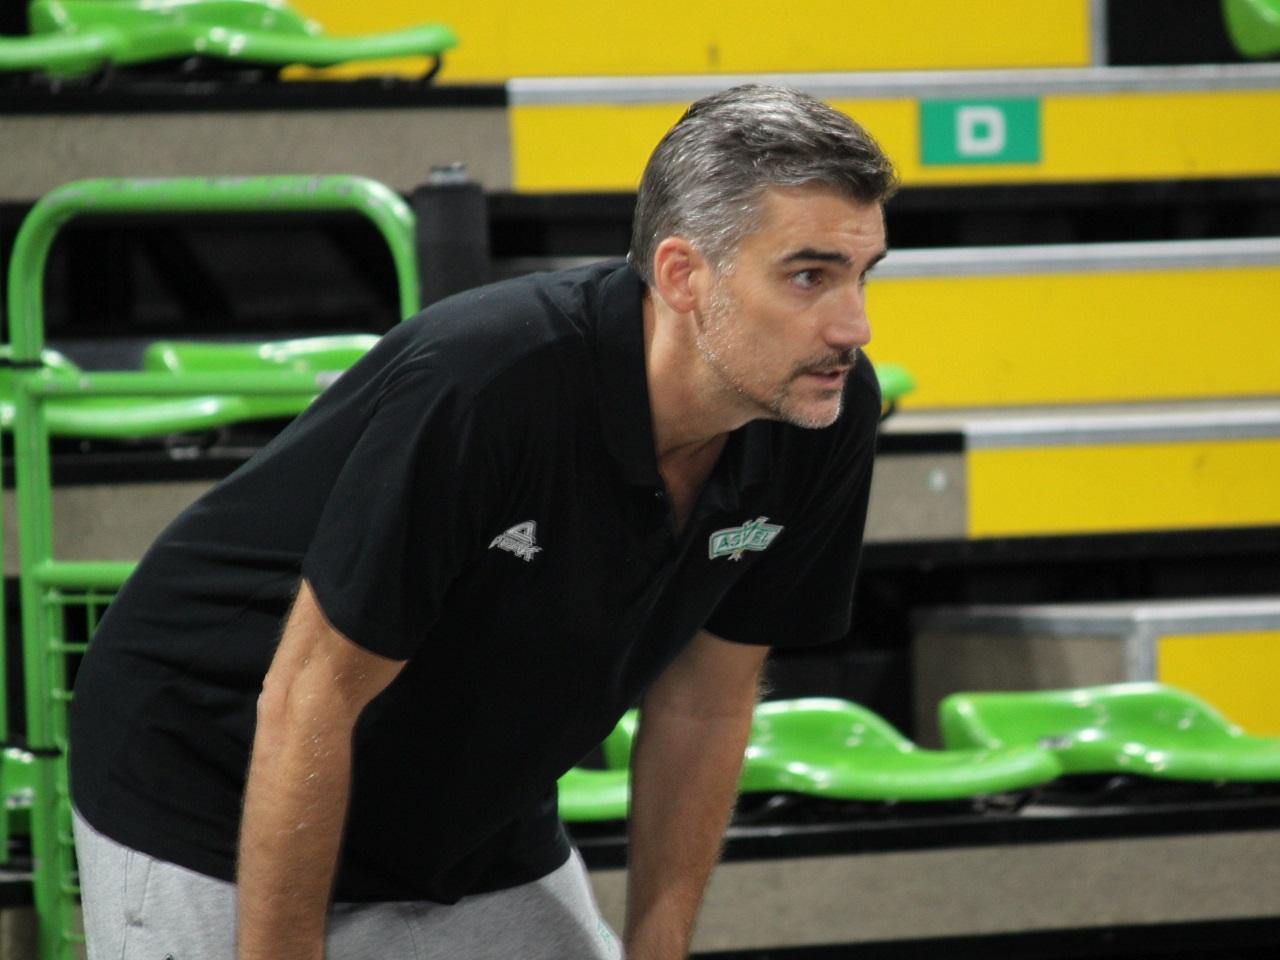 TJ Parker nouveau coach de l'Asvel